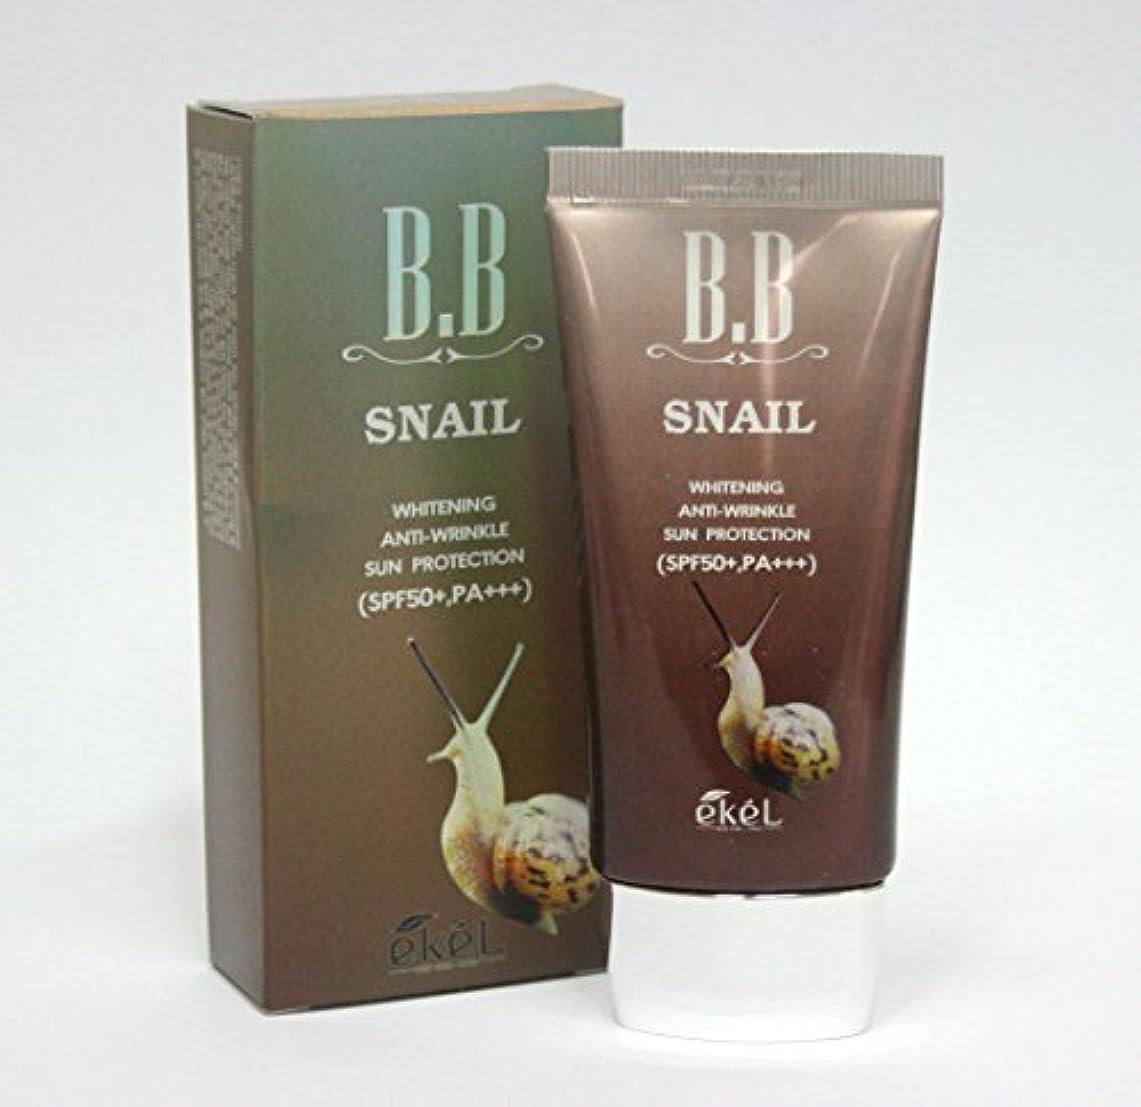 オーバーヘッドペイント粒[Ekel] カタツムリBBクリーム50ml / ホワイトニング , SPF50 + PA +++ / 韓国化粧品 / Snail BB Cream 50ml / Whitening, SPF50+ PA+++ / Korea...